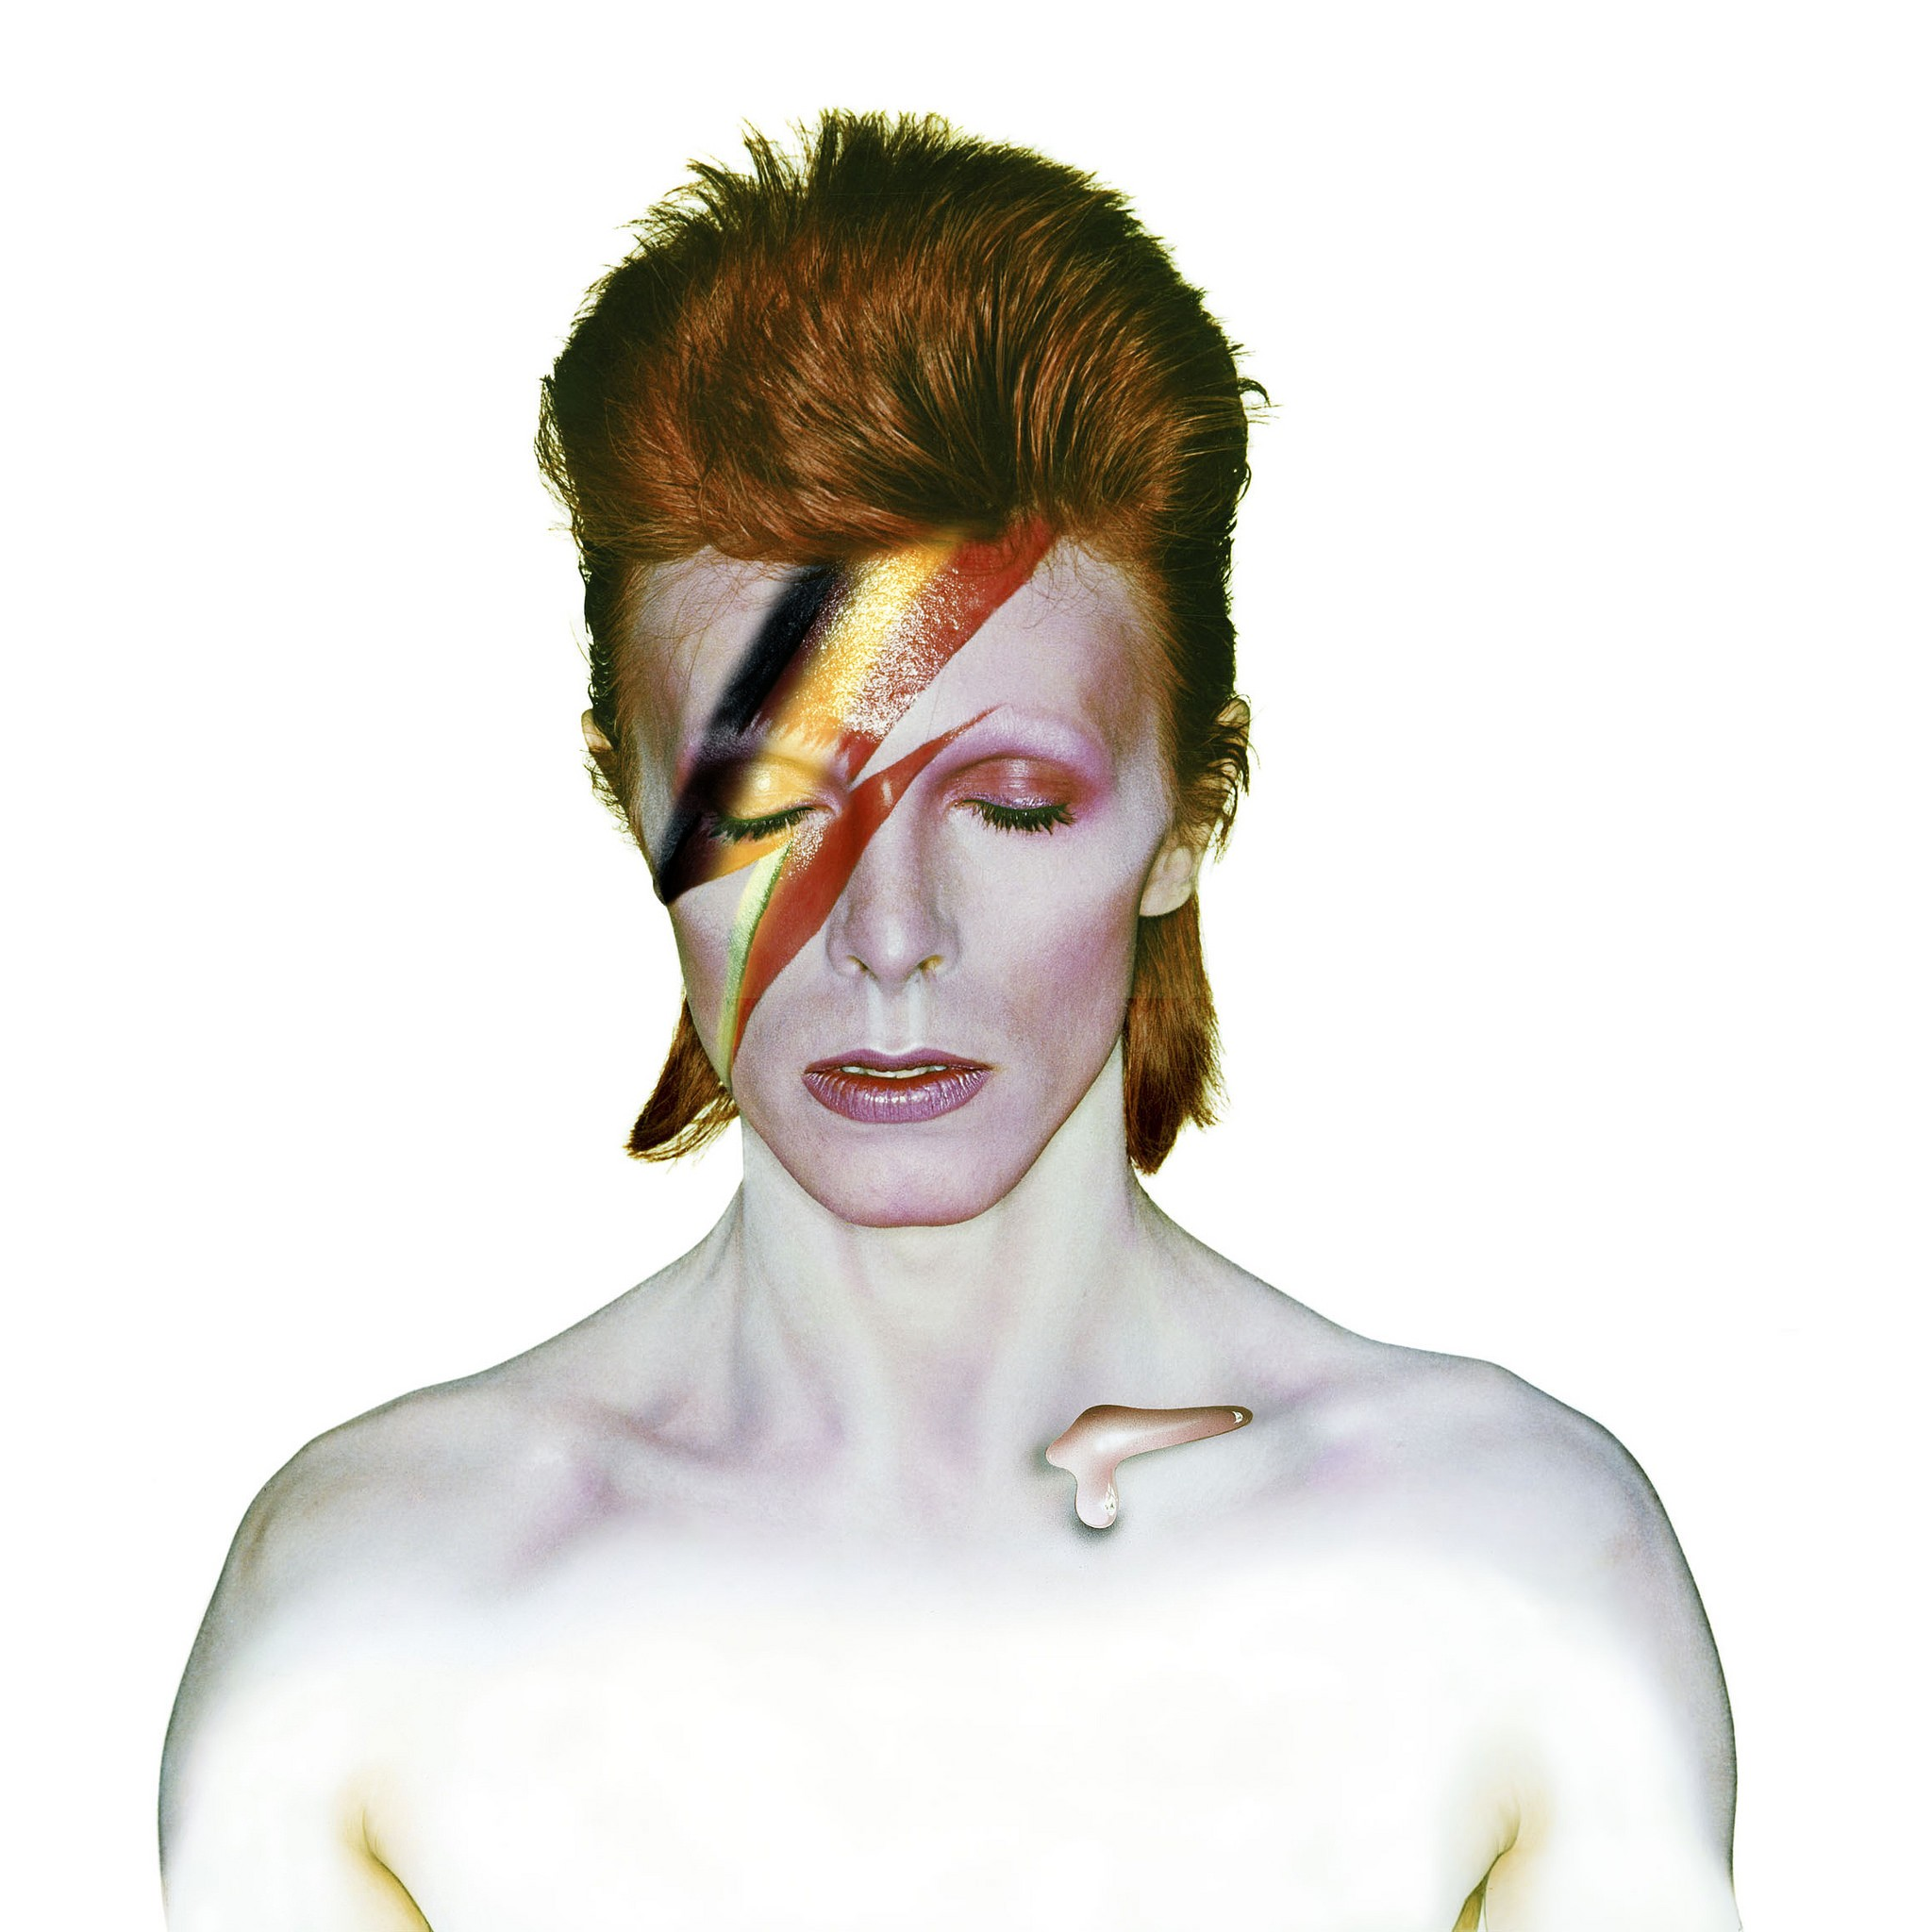 David Bowie queria transformar obra de George Orwell em um musical para televisão (Foto: Flickr/Marc Wathieu)